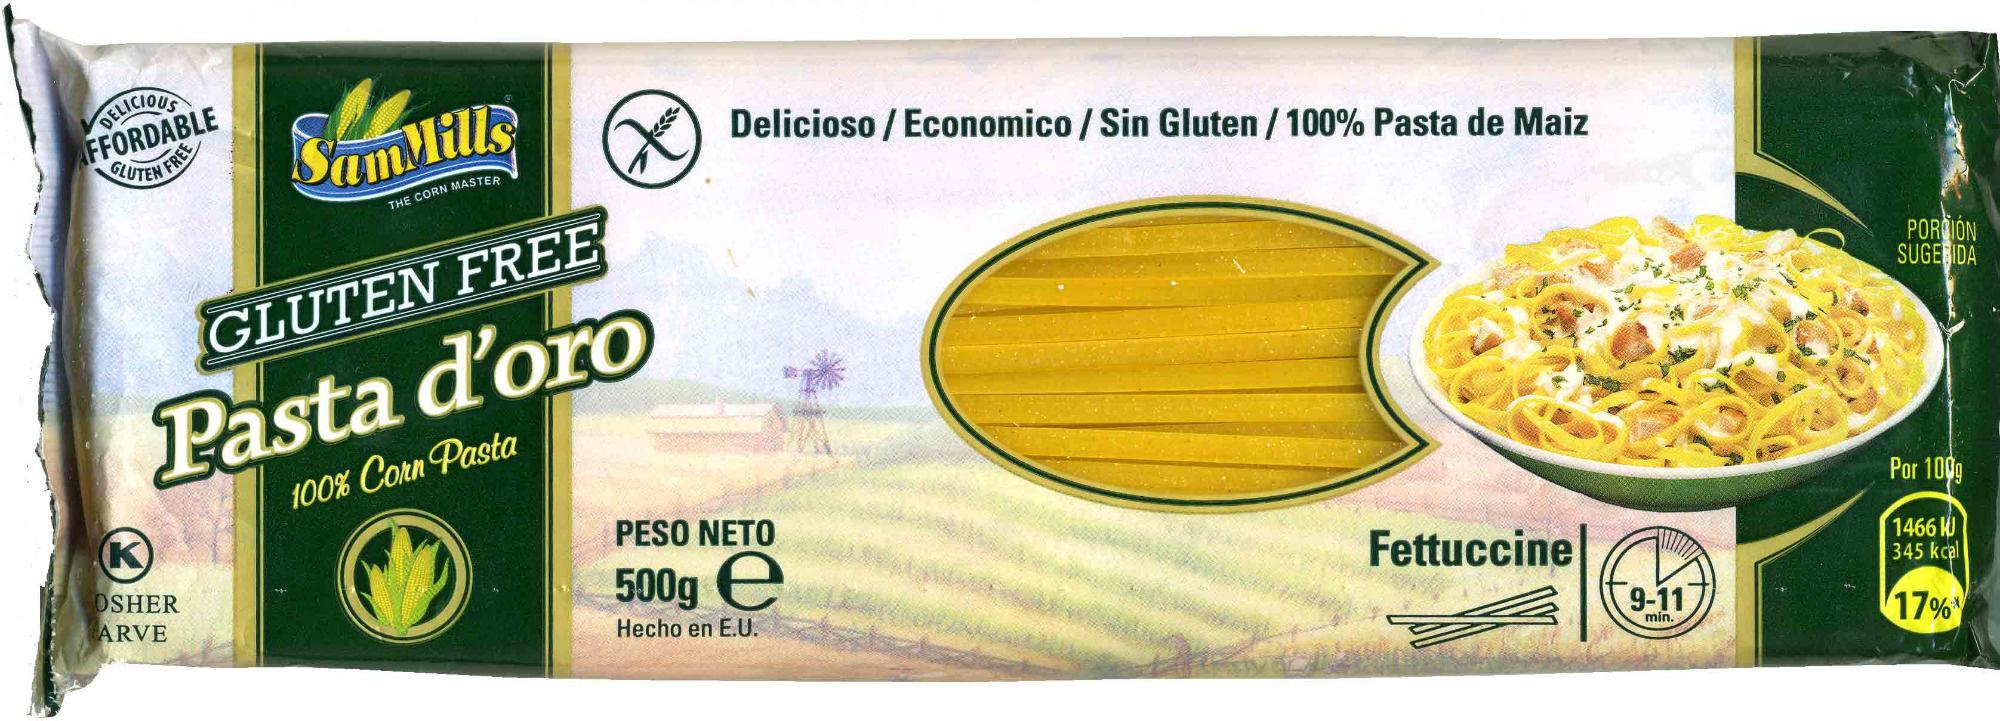 Fettuccine de maíz sin gluten - Producto - es